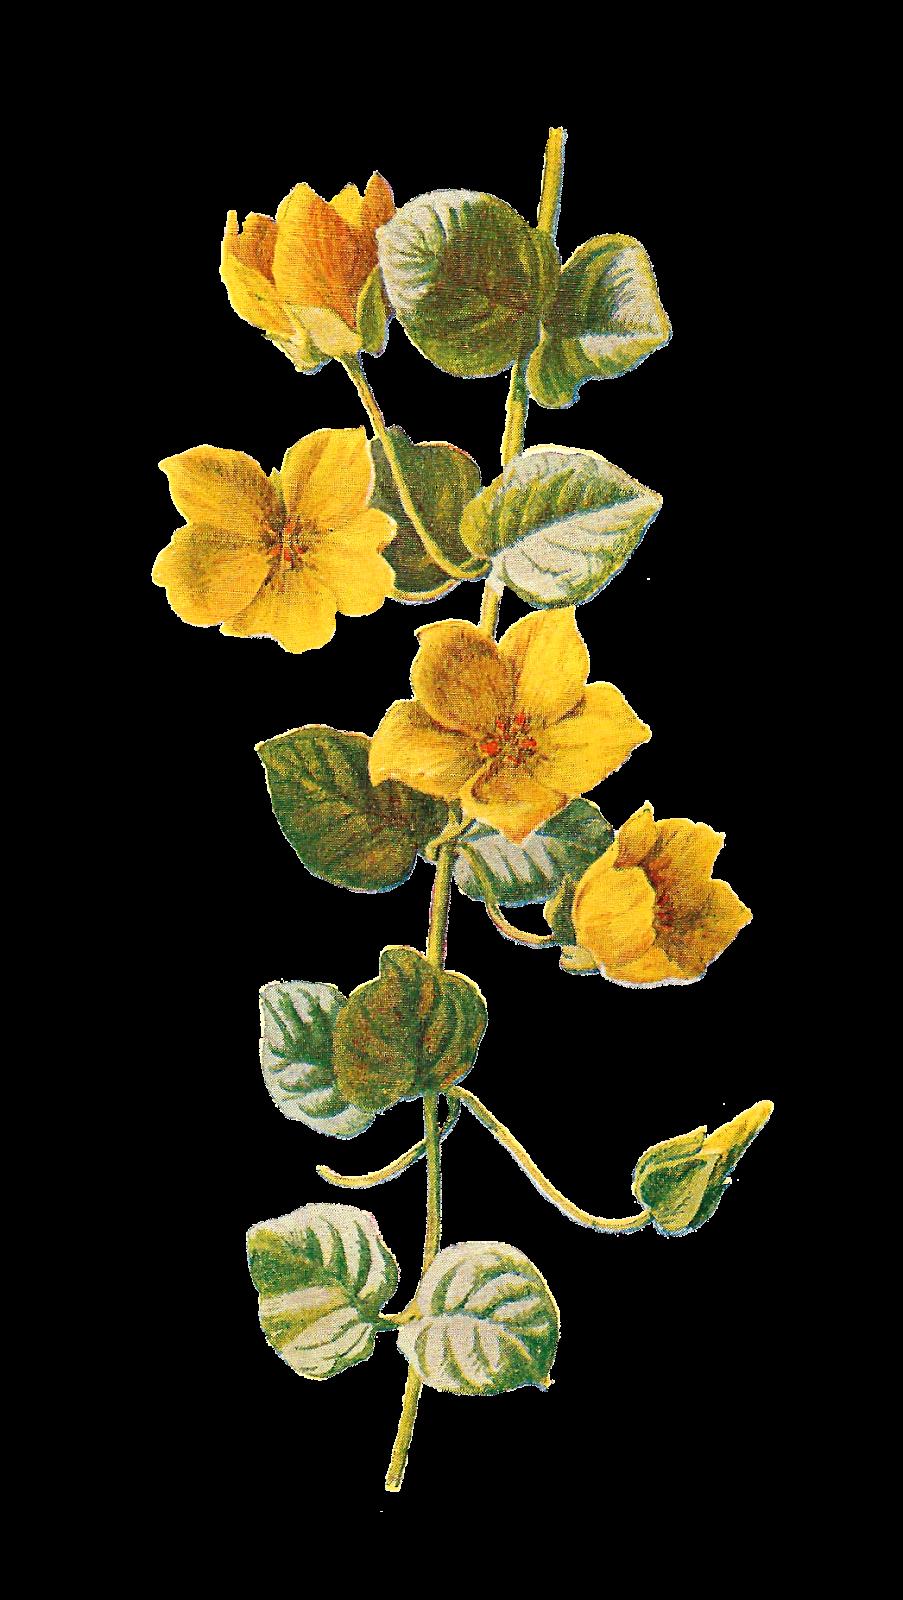 Wildflower clipart yellow flower Art wildflower  Wildflower Antique